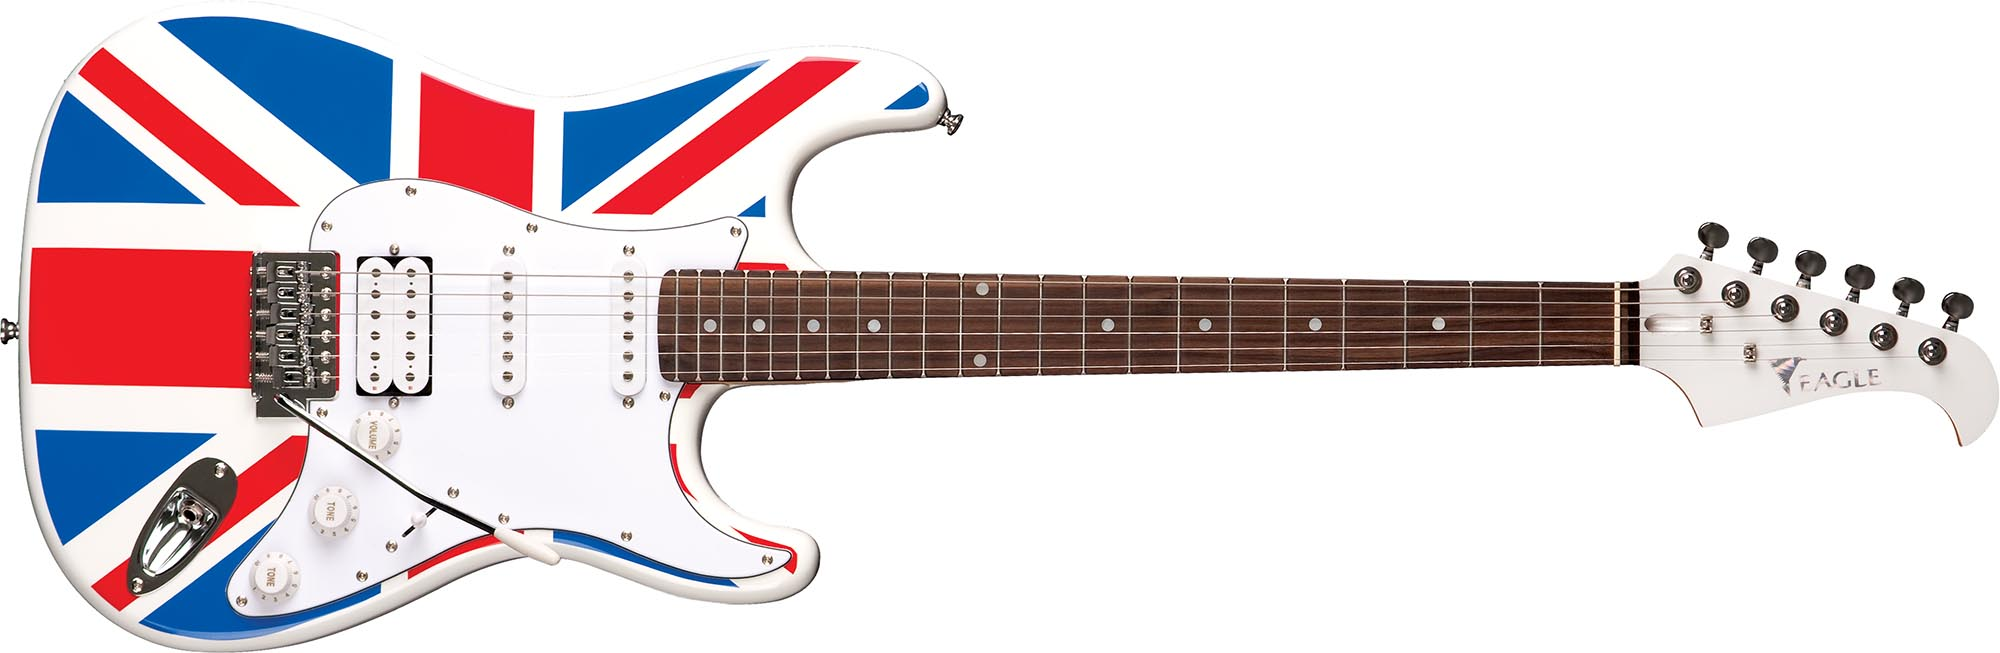 sts002 guitarra eletrica stratocaster captador humbucker eagle sts002 uk bandeira reino unido visao frontal